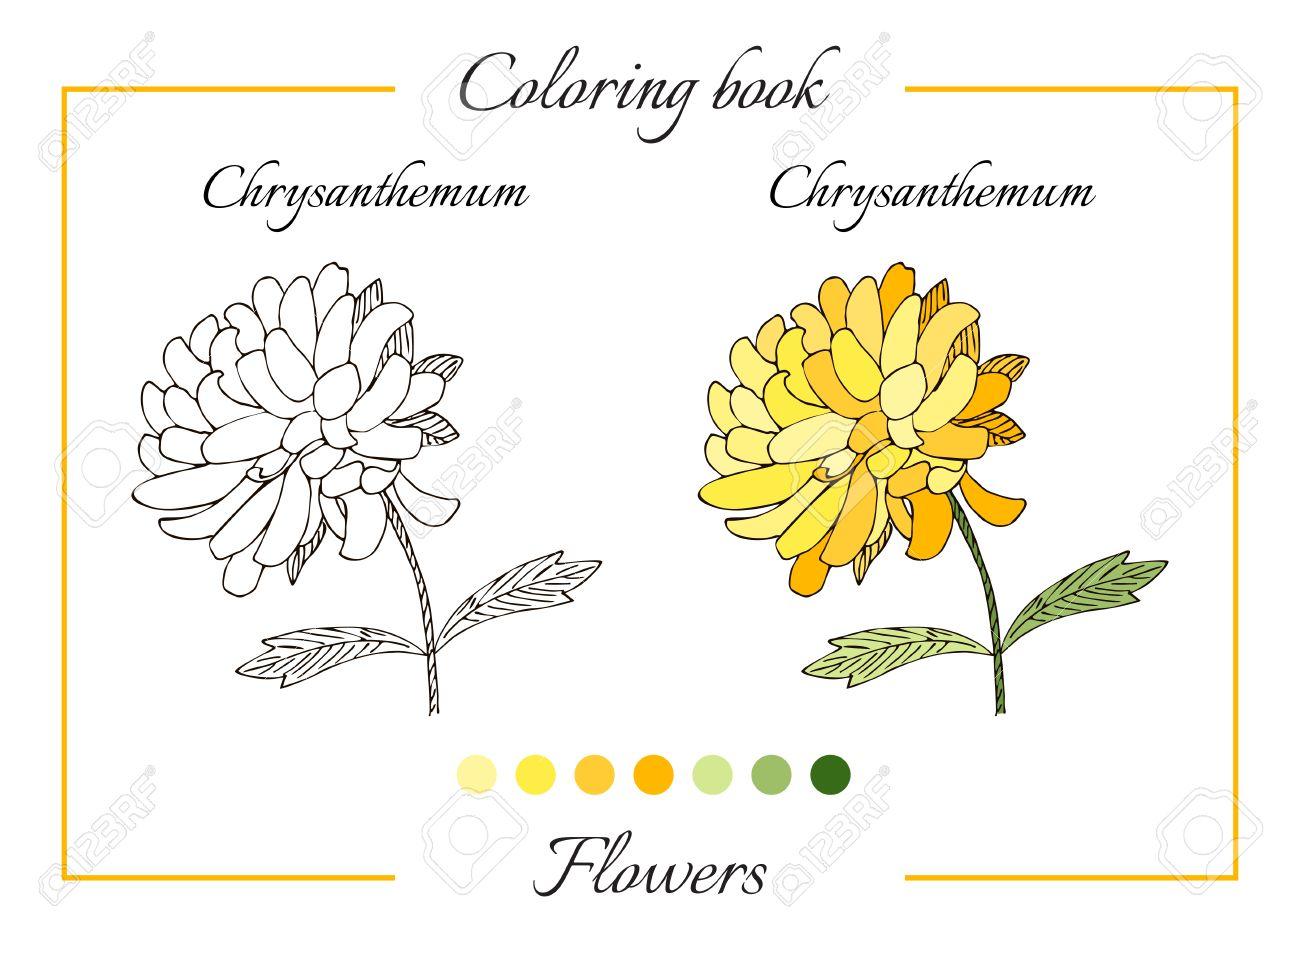 Libro Para Colorear Con Hermosa Flor De Crisantemo. Ilustración ...